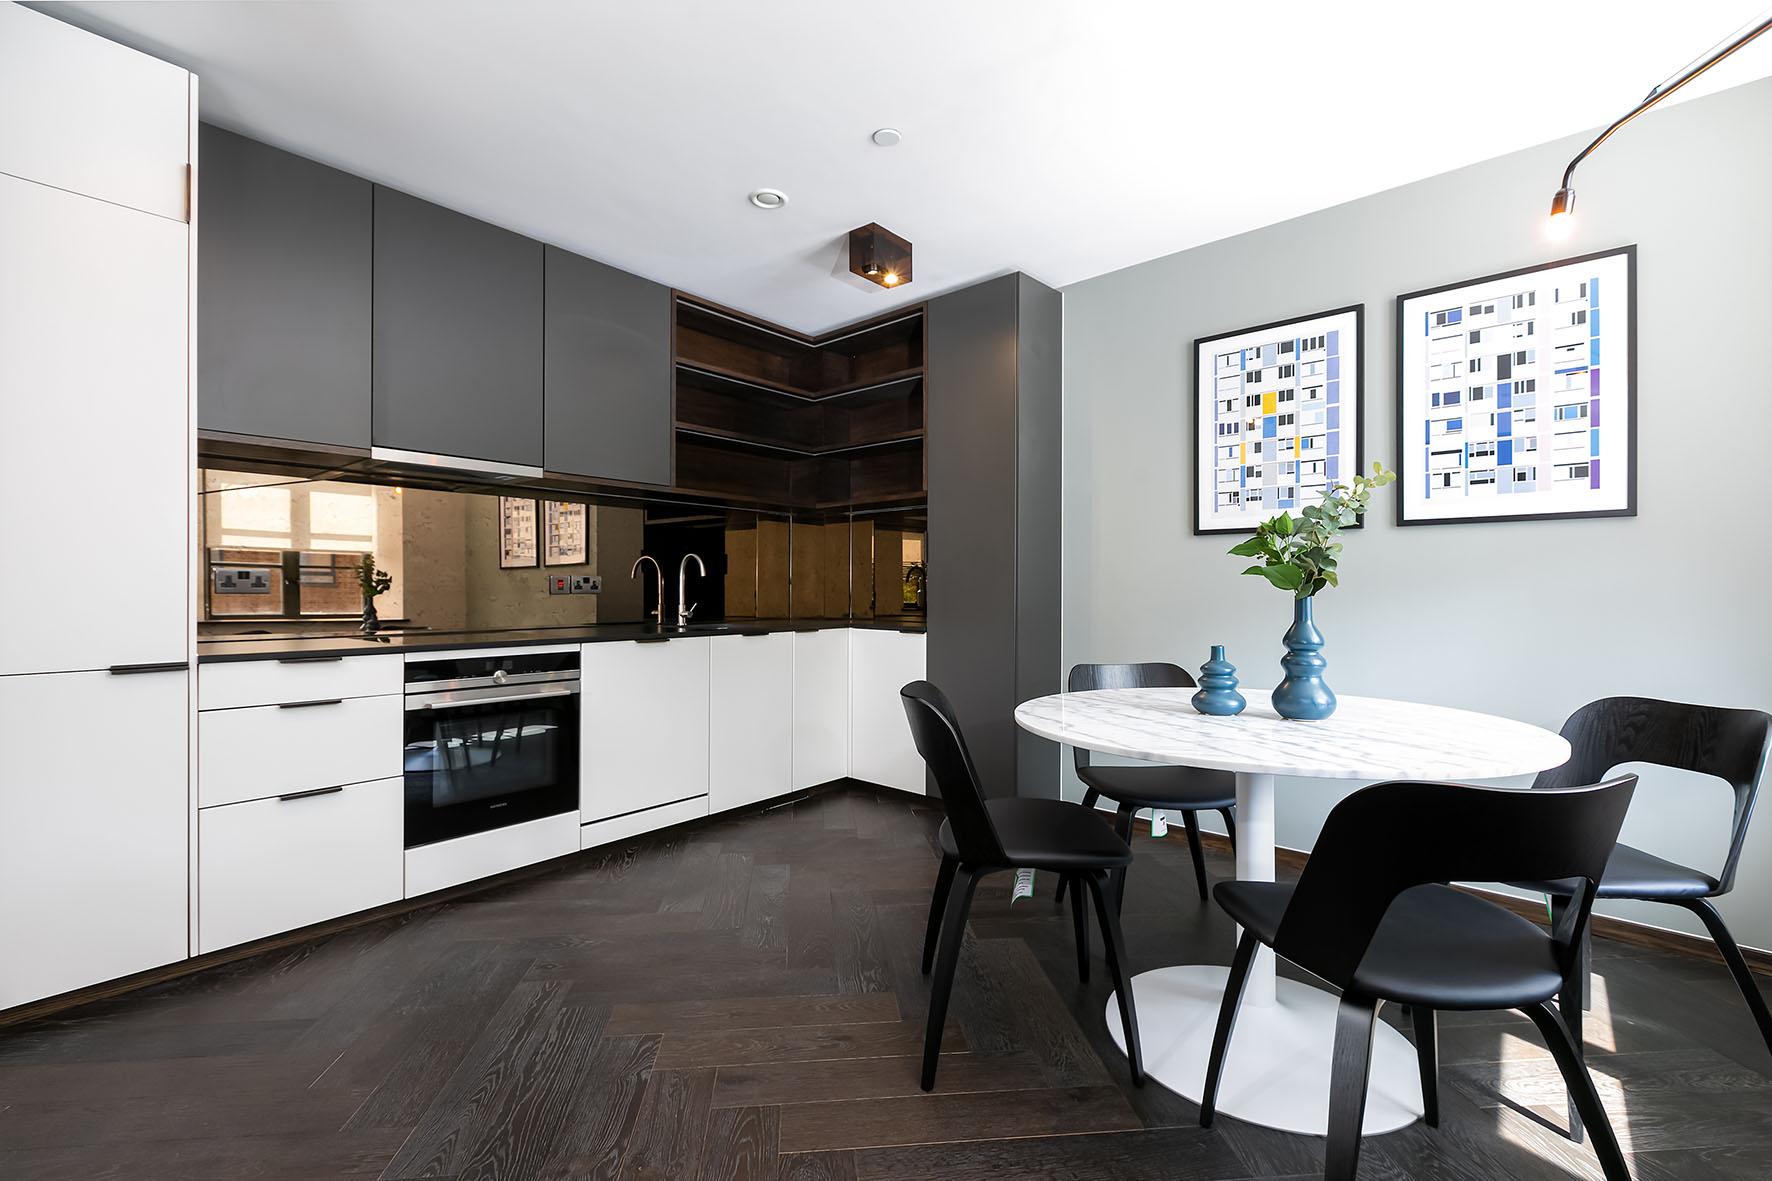 Lovelydays luxury service apartment rental - London - Soho - Oxford Street V - Lovelysuite - 1 bedrooms - 1 bathrooms - Luxury kitchen - cc9fb81ceaaf - Lovelydays